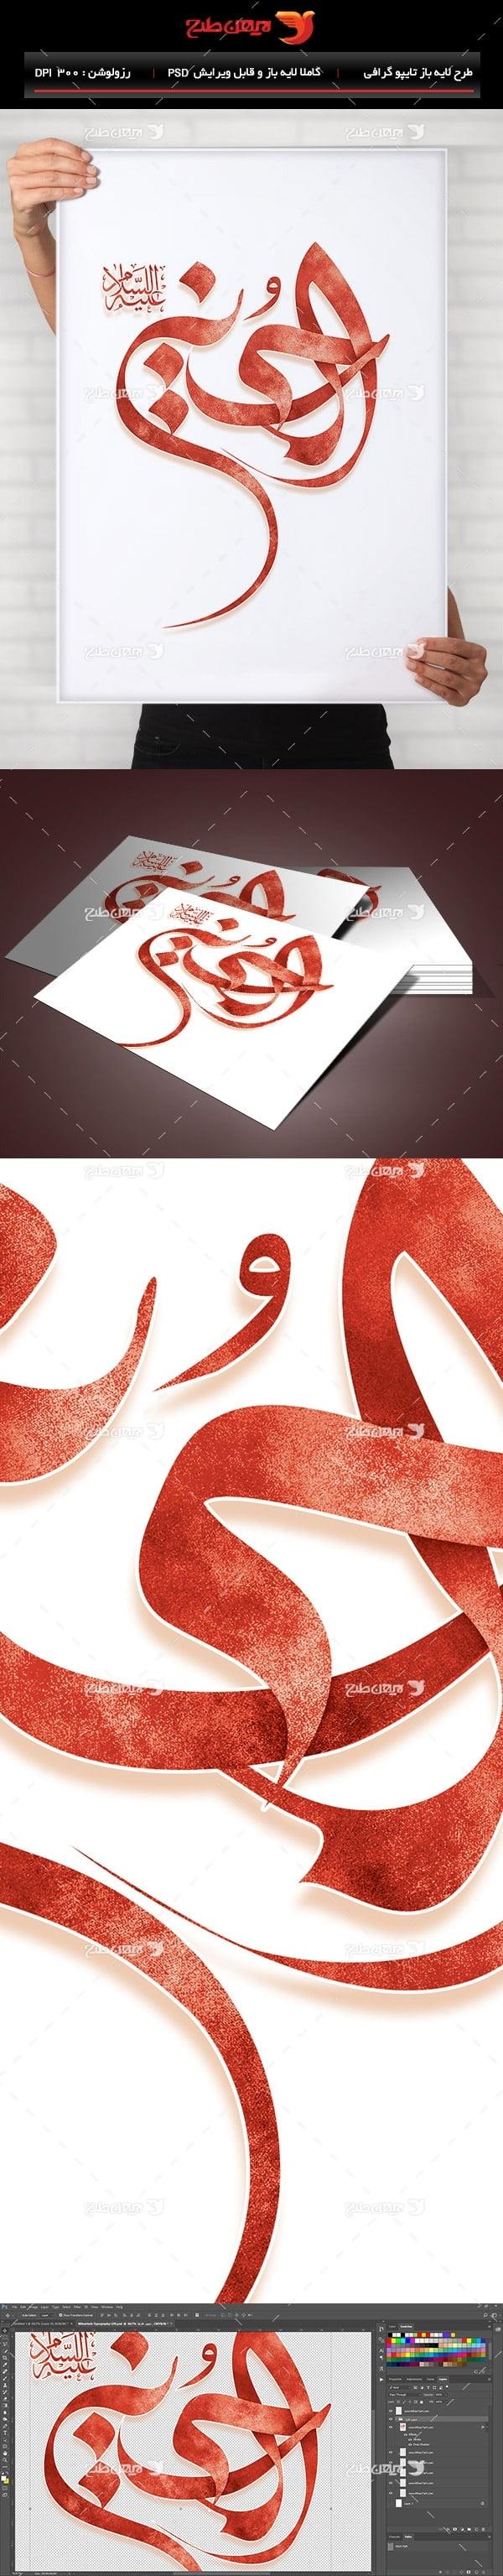 طرح لایه باز تایپوگرافی و خطاطی نام امام حسین(ع)